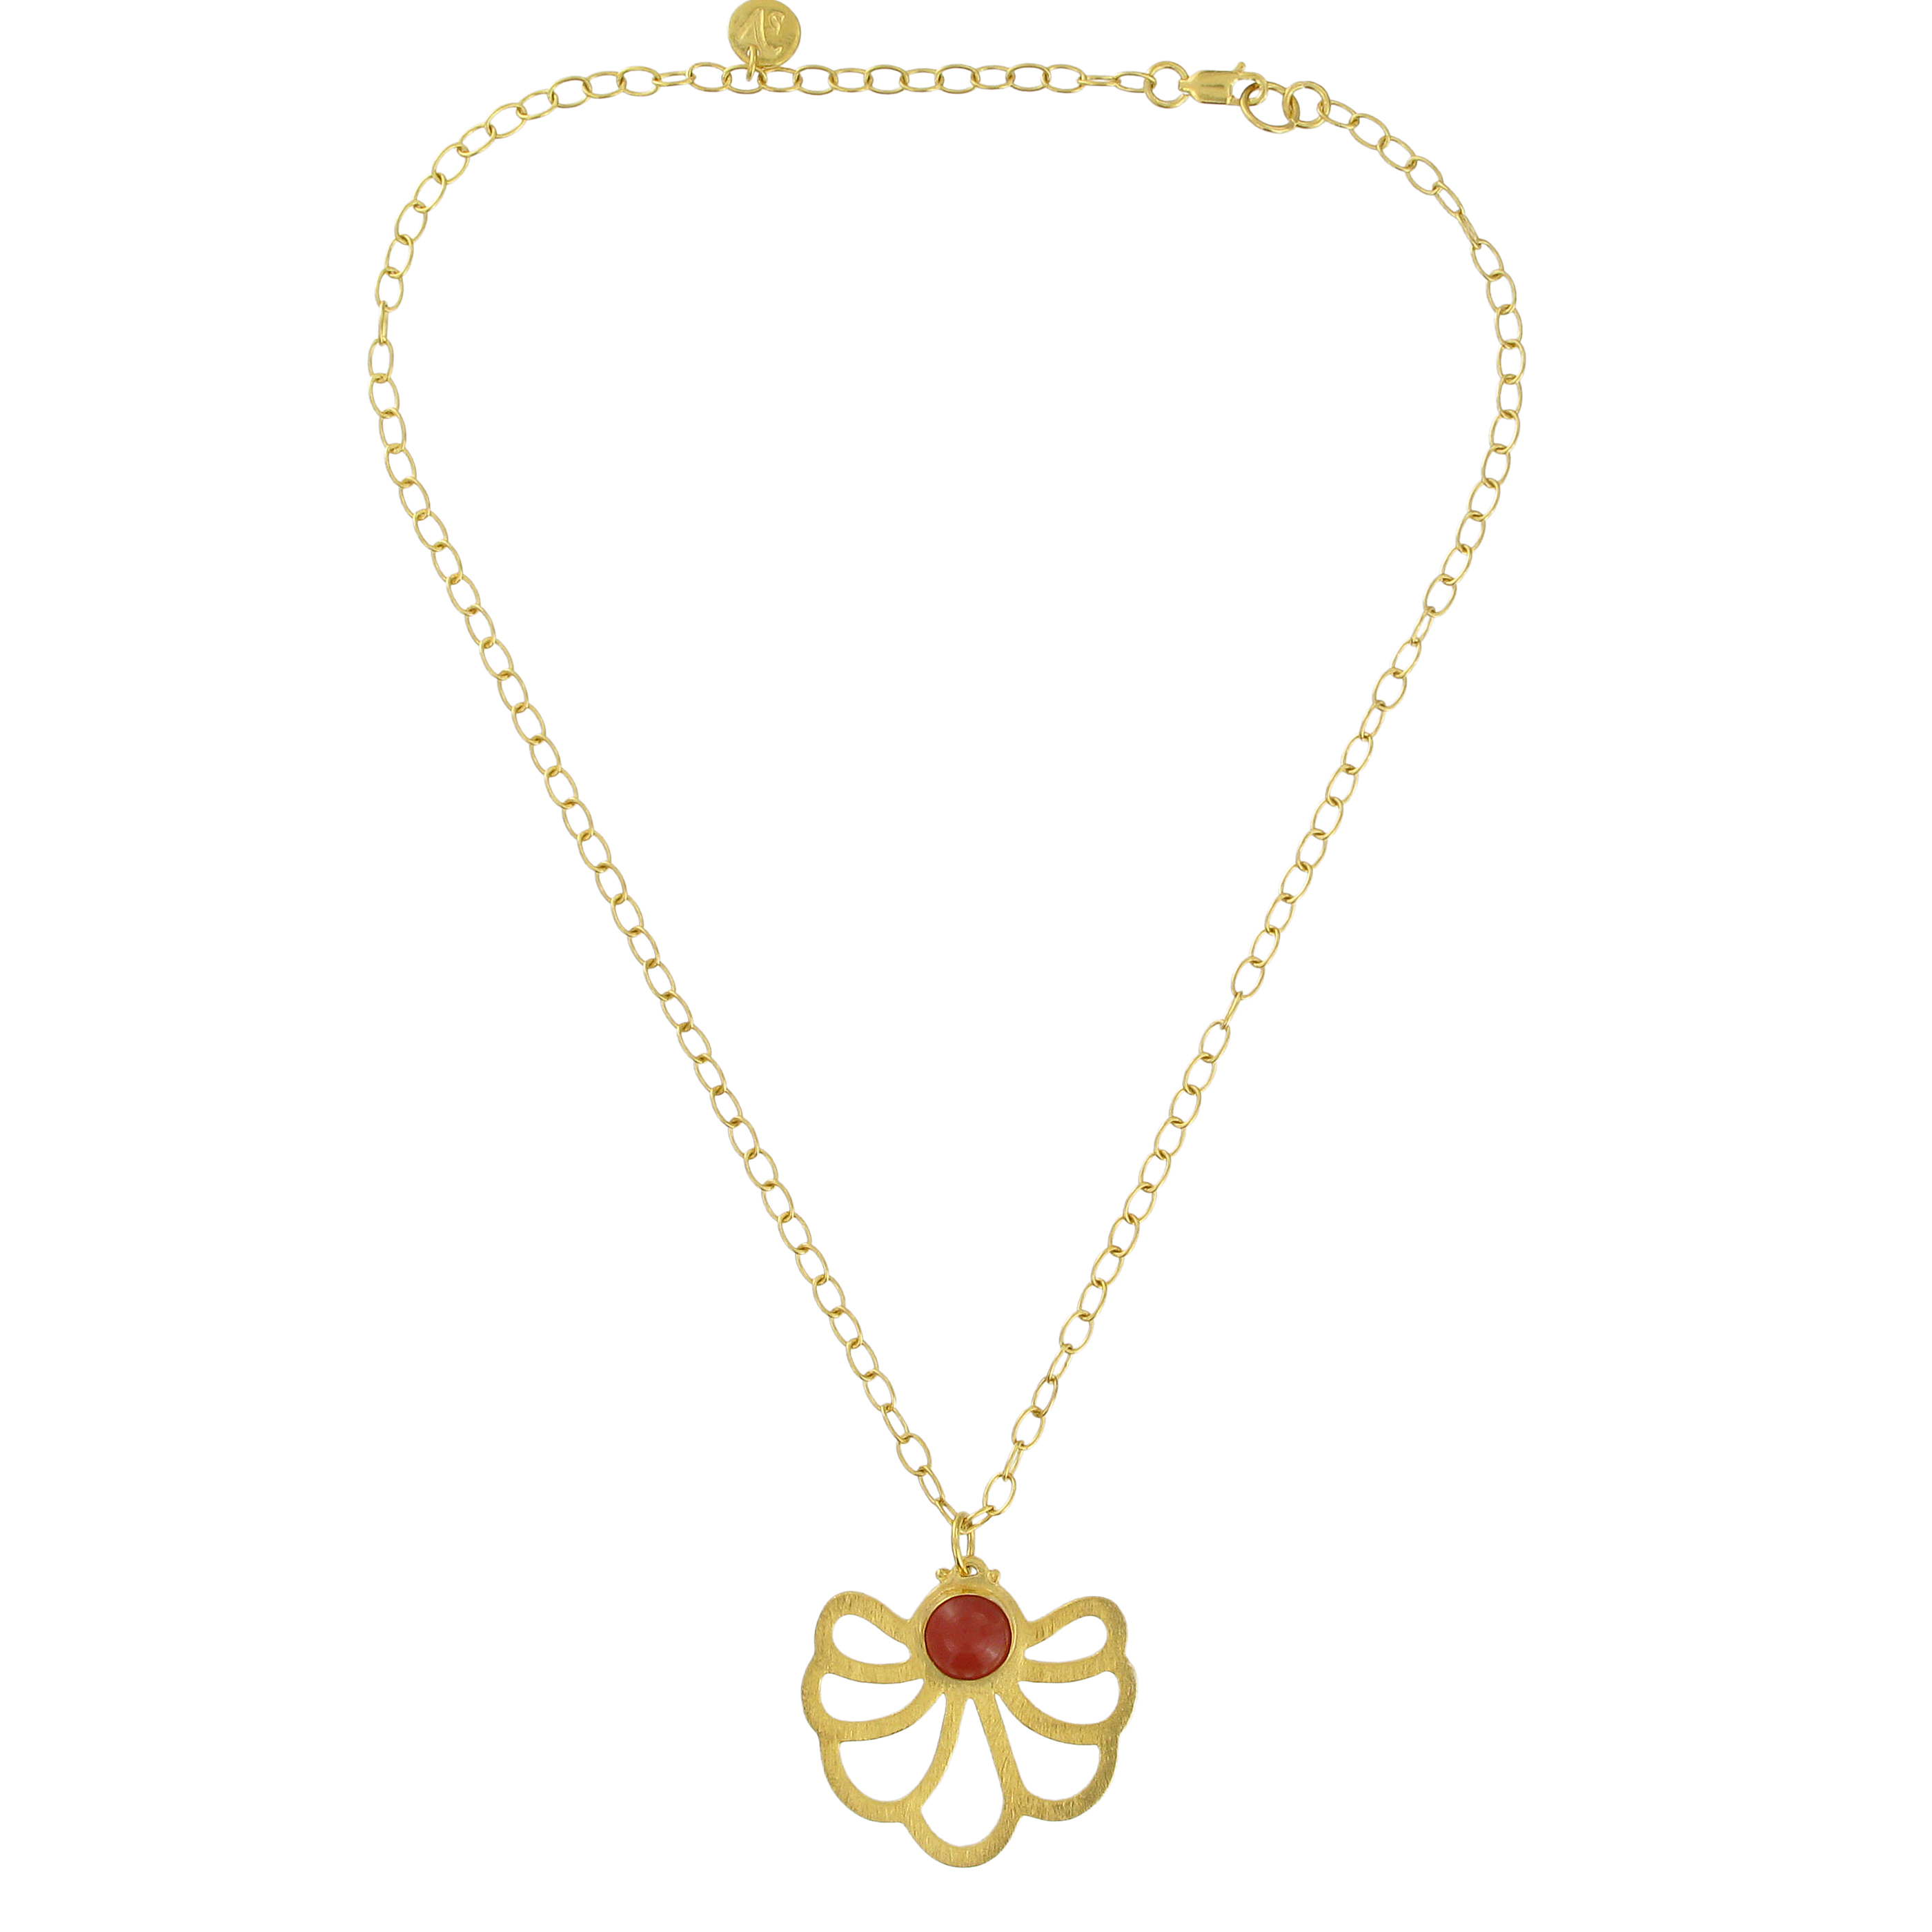 Carnelian lotus pendant necklace